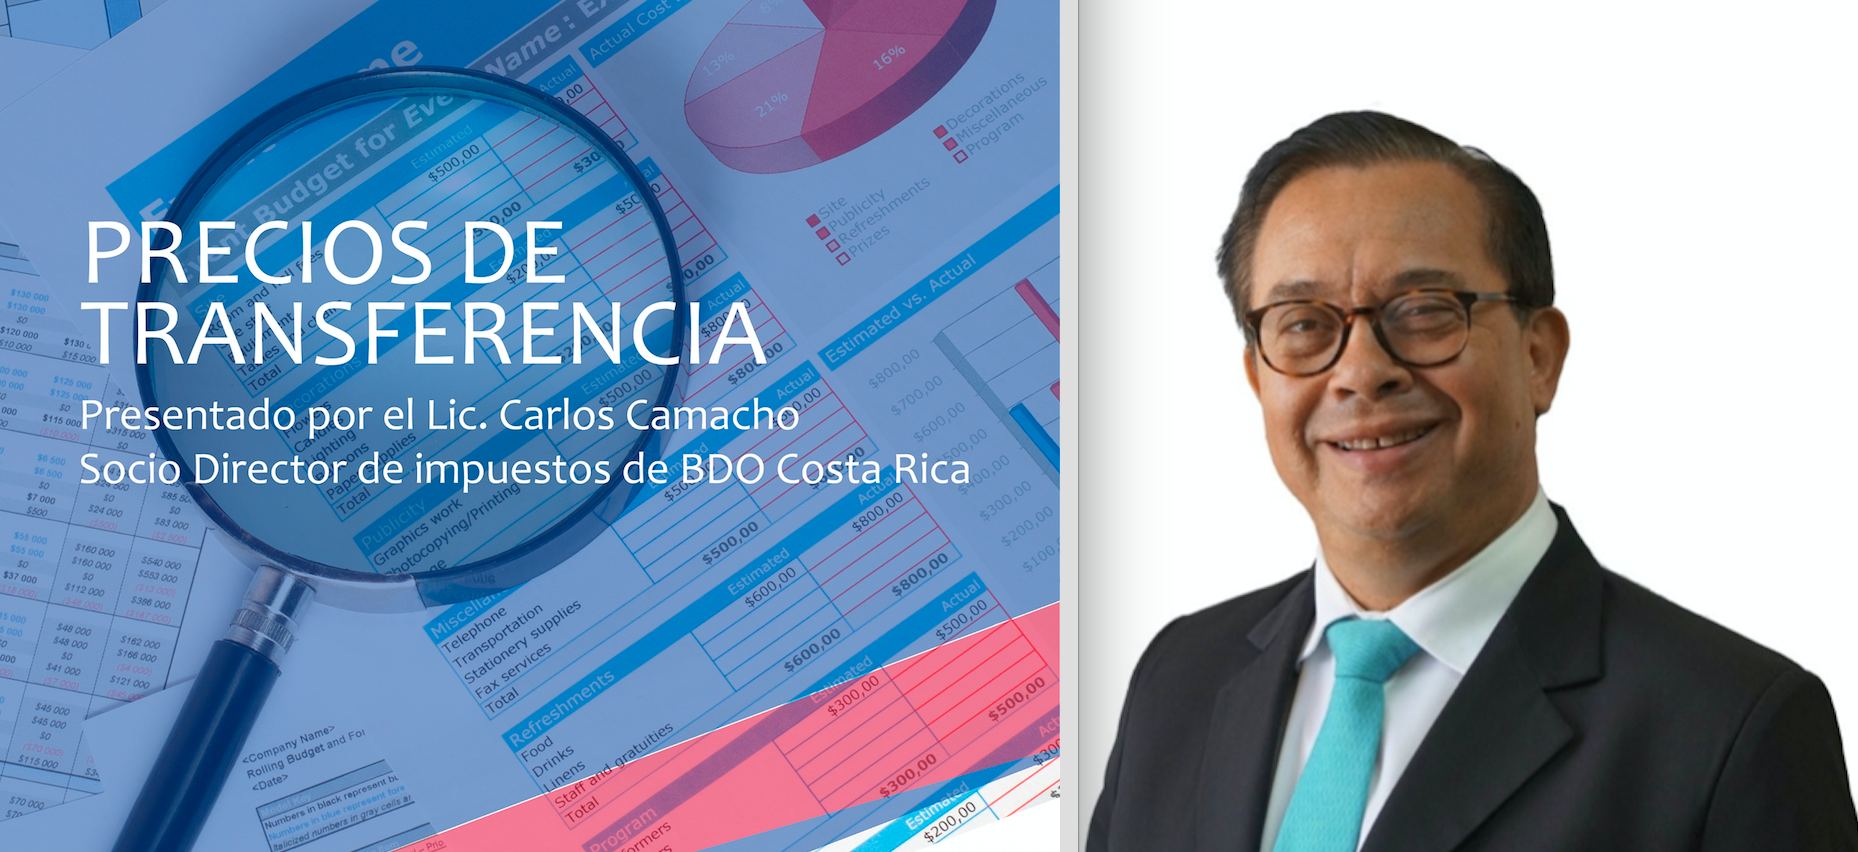 https://www.ekaenlinea.com/wp-content/uploads/2016/12/Precios-de-Transferencia.png